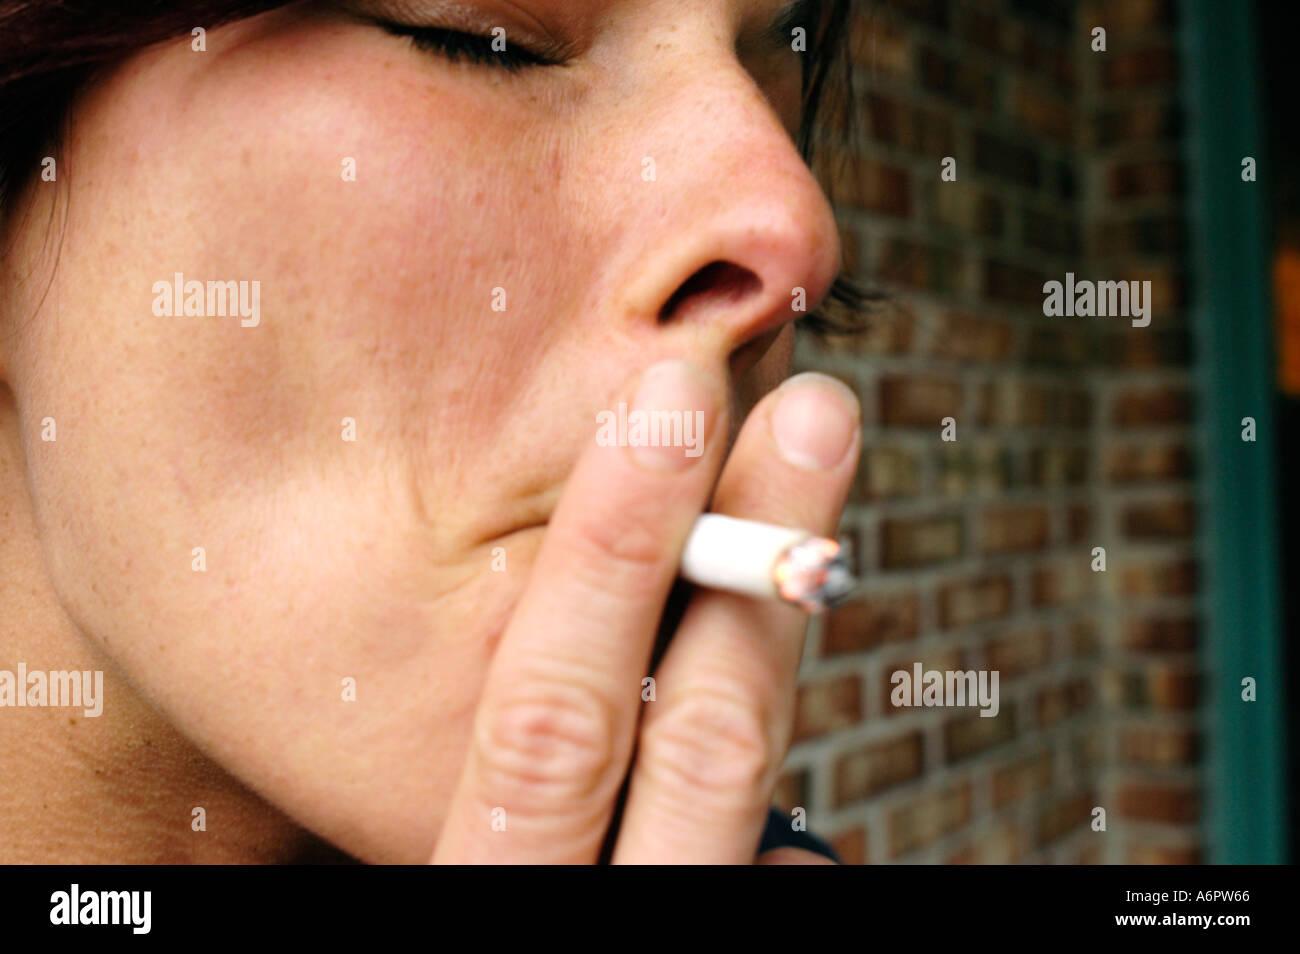 Junge Frau mit dunklen Haaren Rauchen einer Zigarette 30 Stockbild